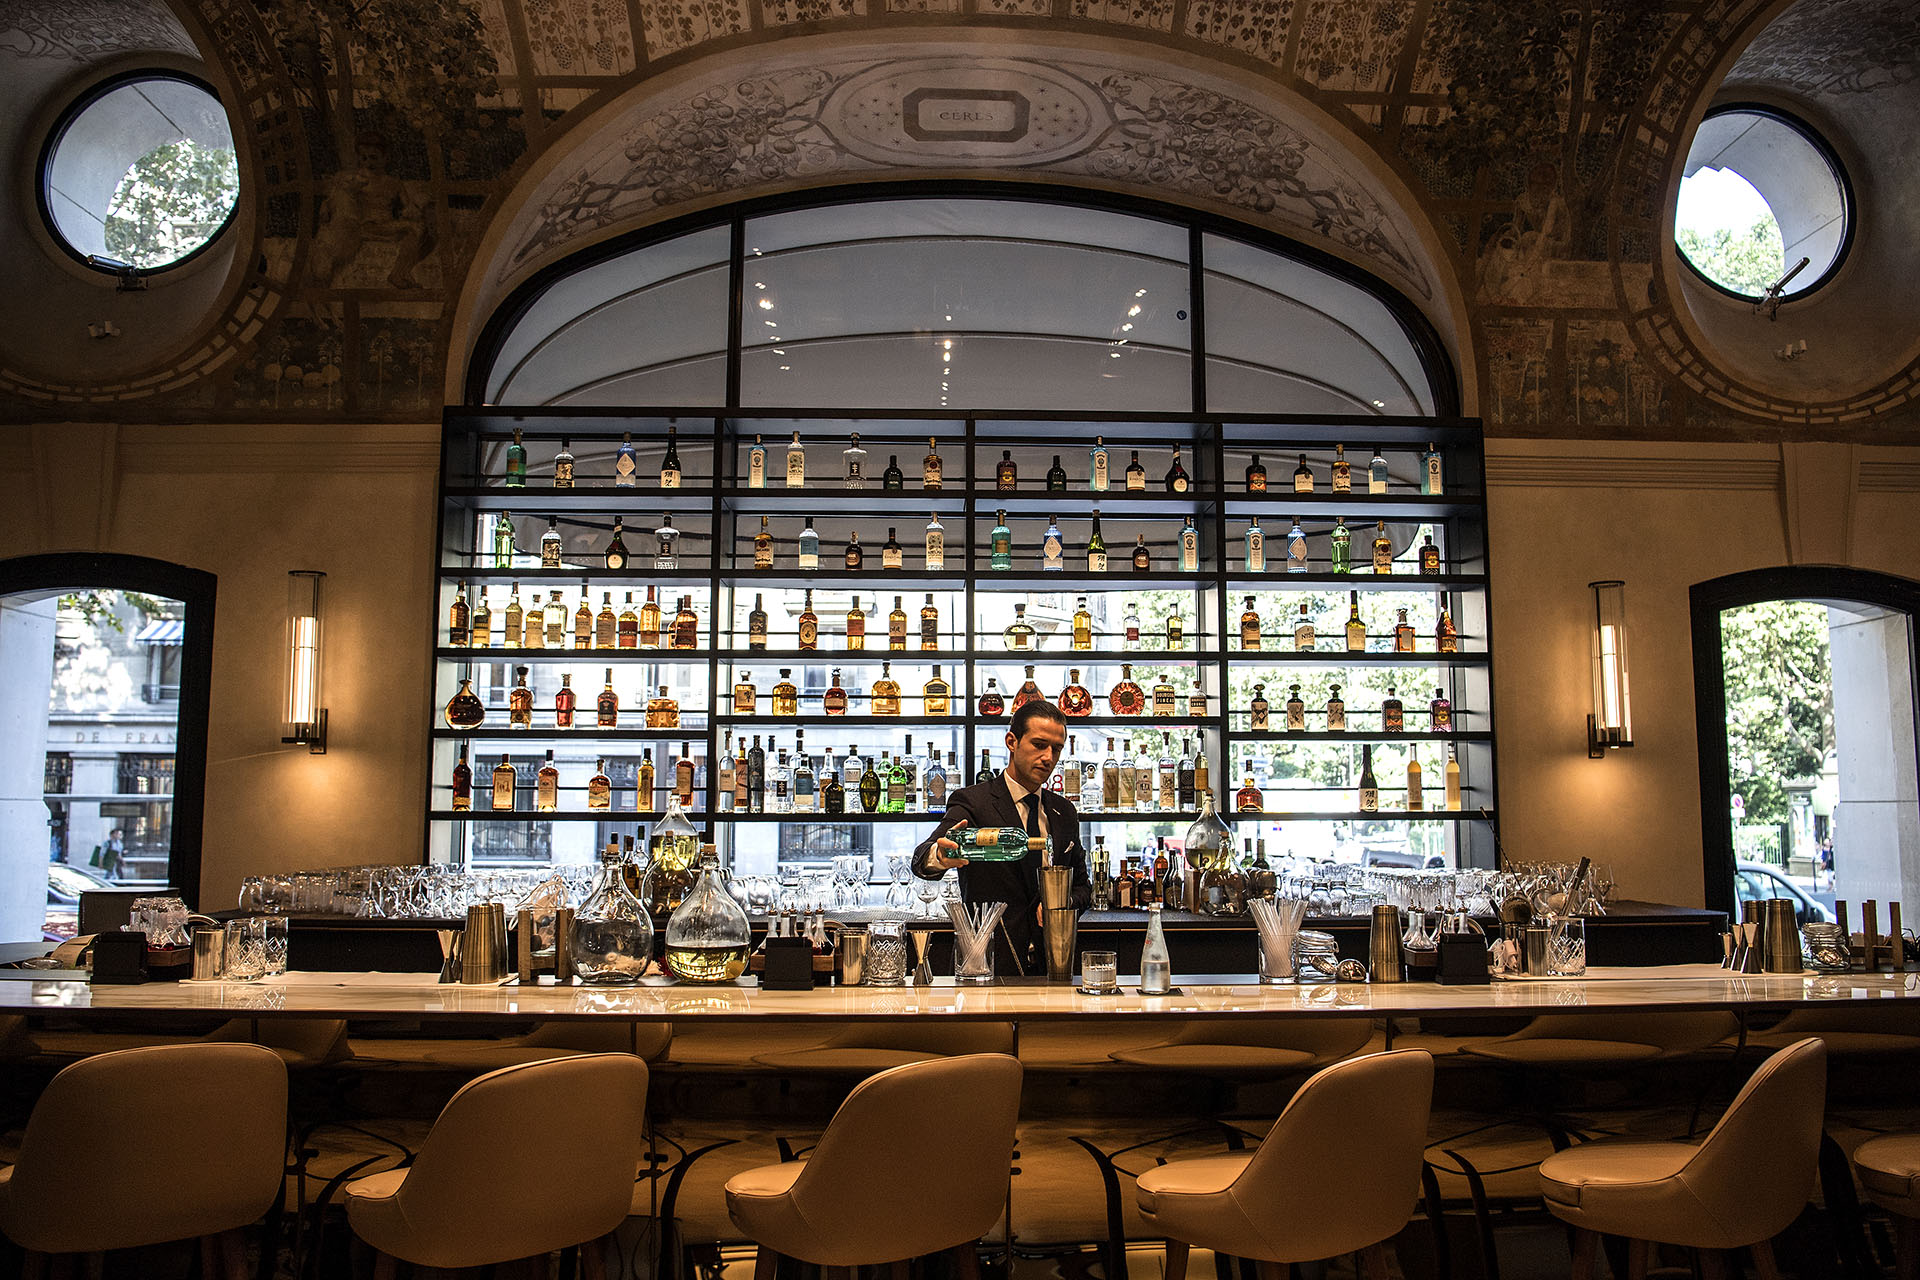 Un bartender prepara una bebida en el bar del Lutecia (AFP PHOTO / Christophe ARCHAMBAULT)